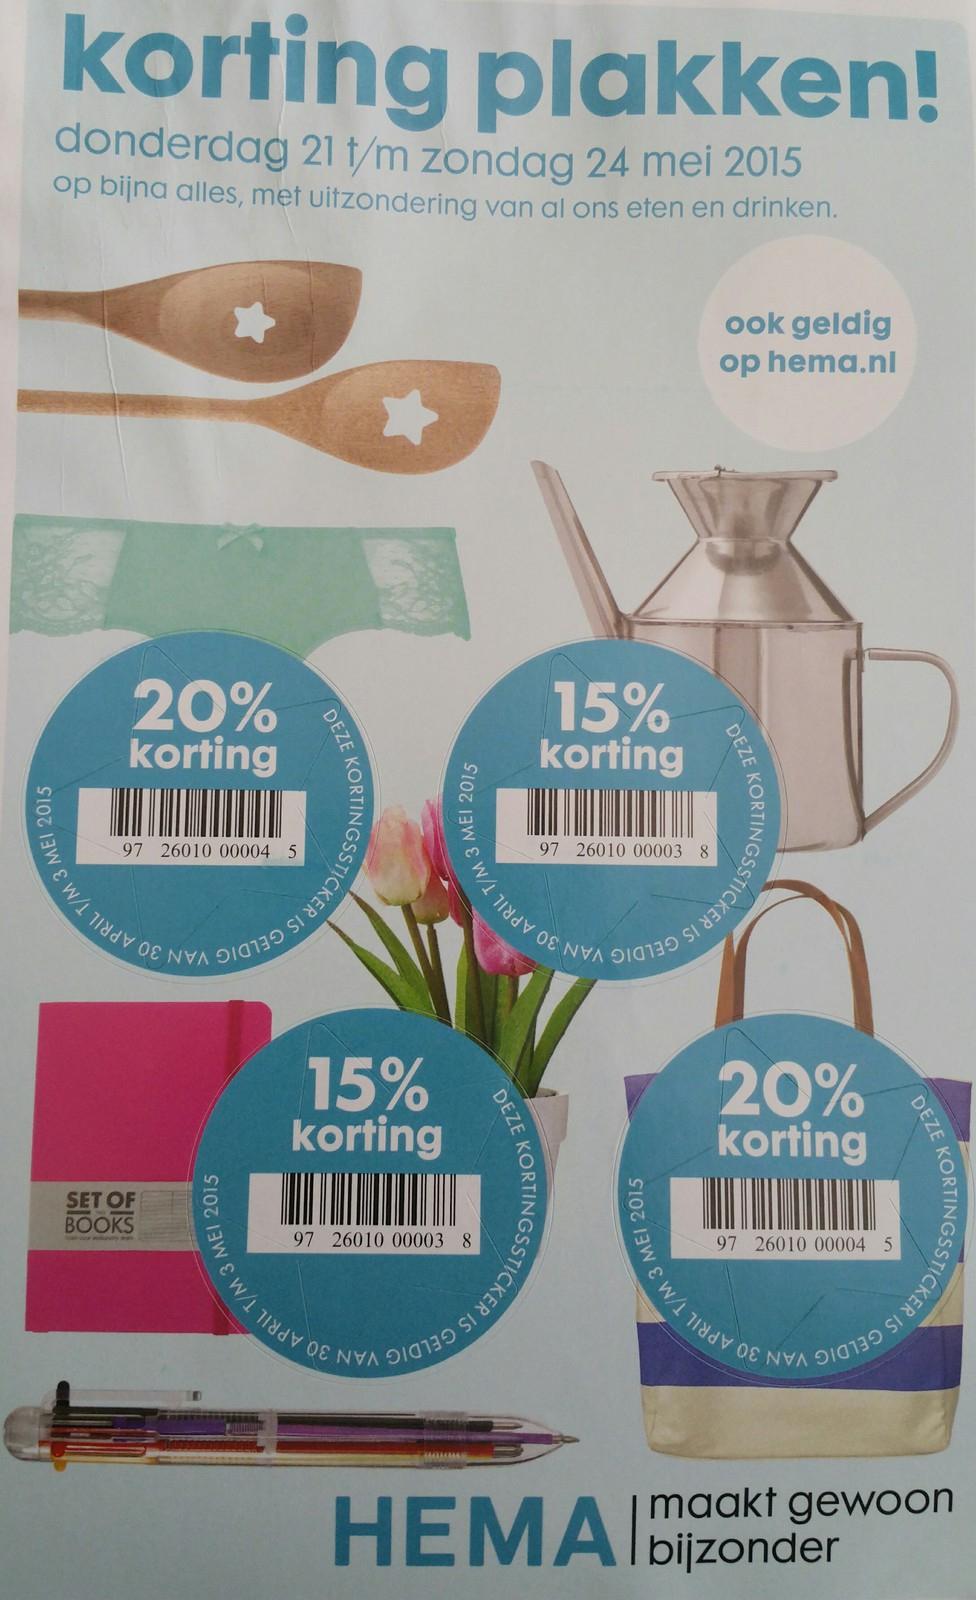 Kortingstickers met 2x20% en 2x15% korting (ook online via actiecode) HEMA